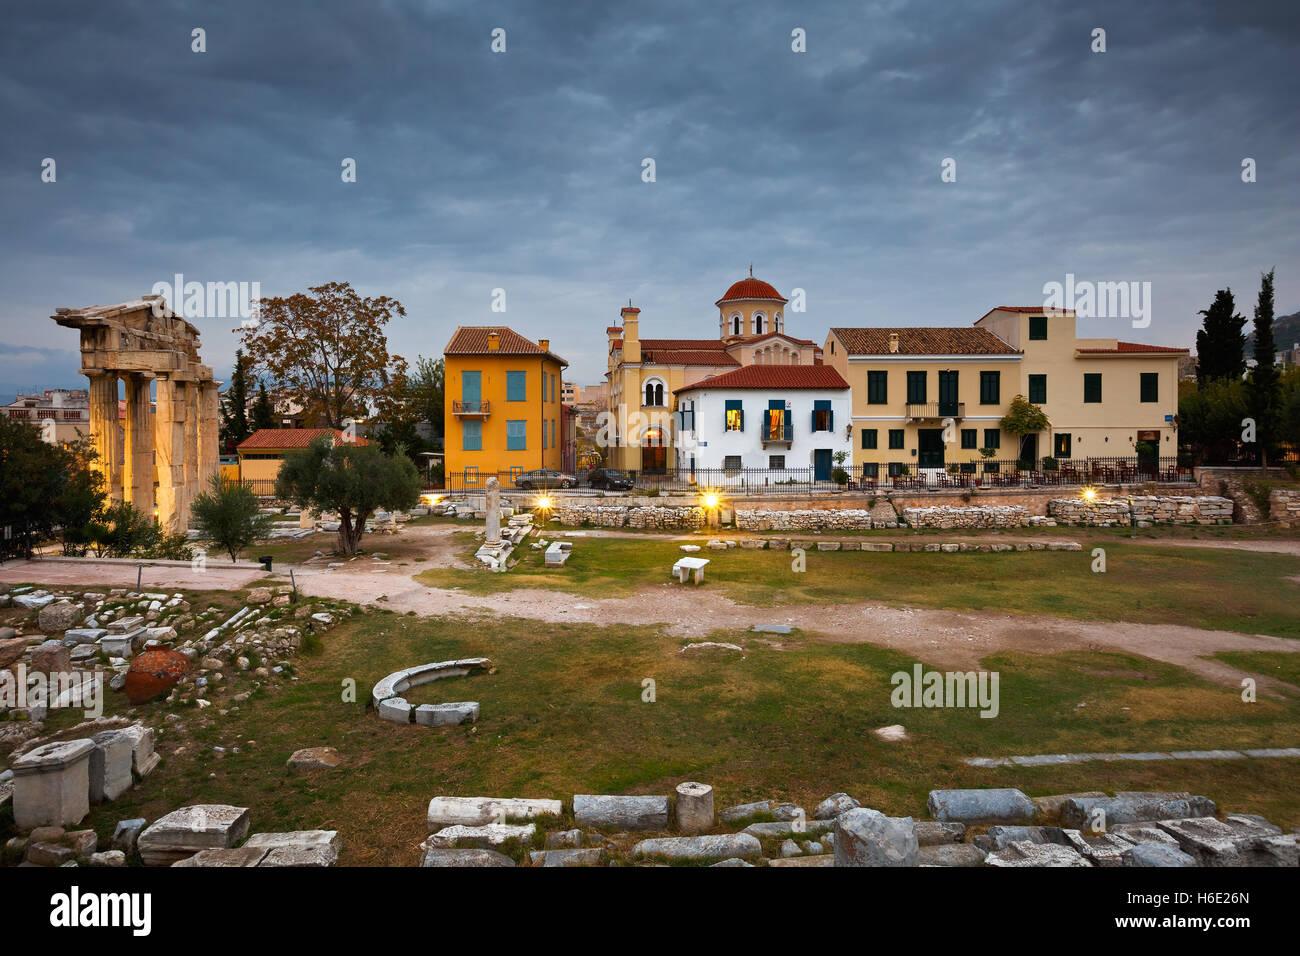 Ruinas antiguas en la ciudad de Atenas, Grecia. Imagen De Stock